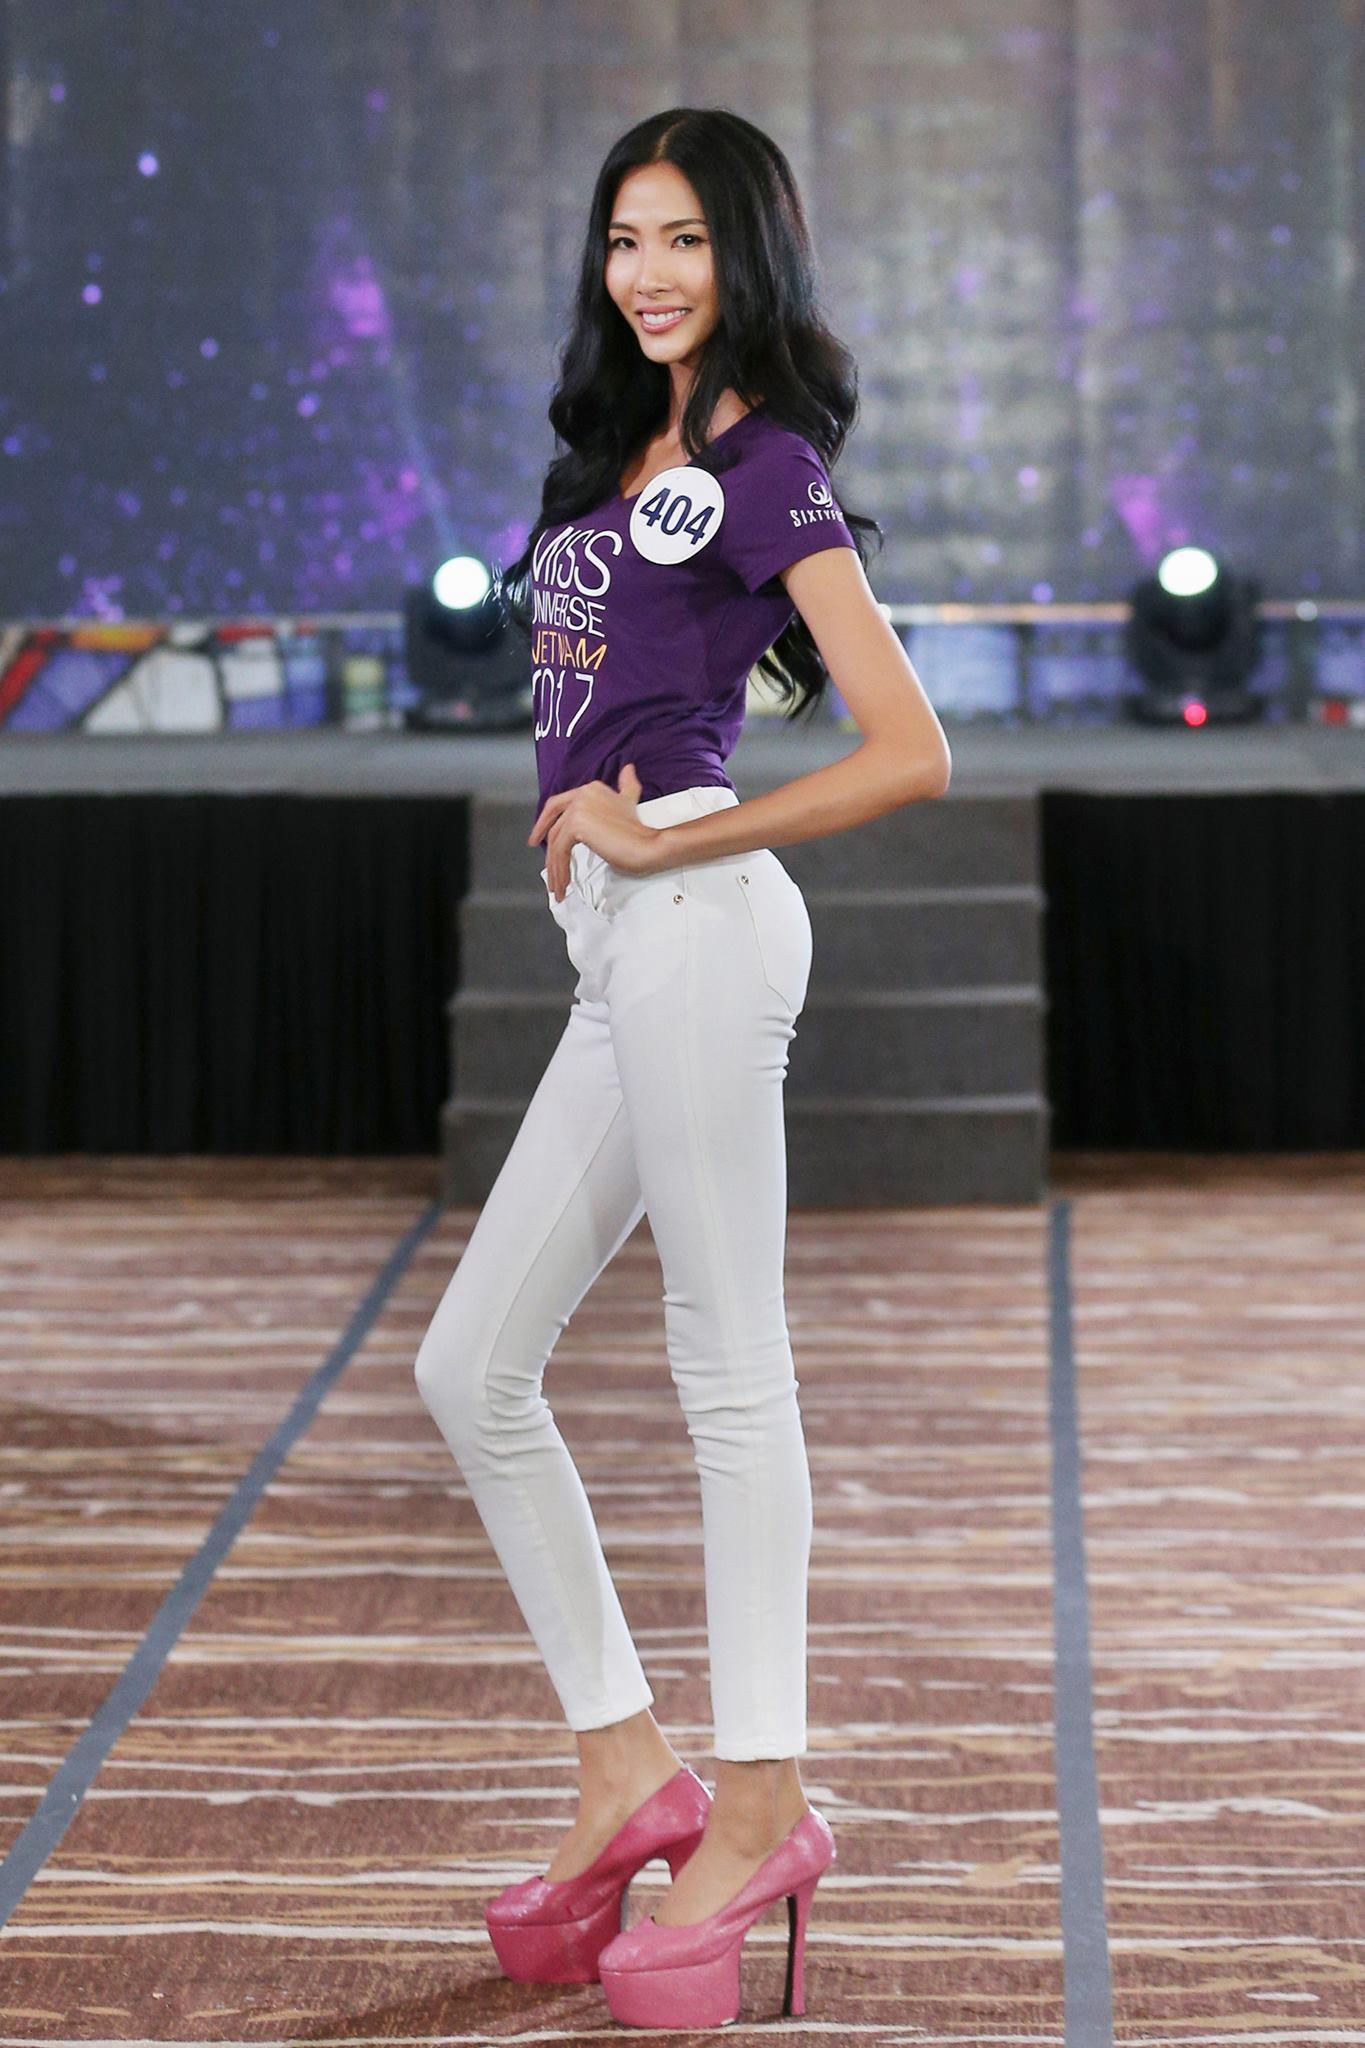 """Hoàng Thùy thua thử thách catwalk tại HHHVVN: """"Chị Phạm Hương có cách đánh giá khác nên tôi không hối tiếc"""" - Ảnh 2."""